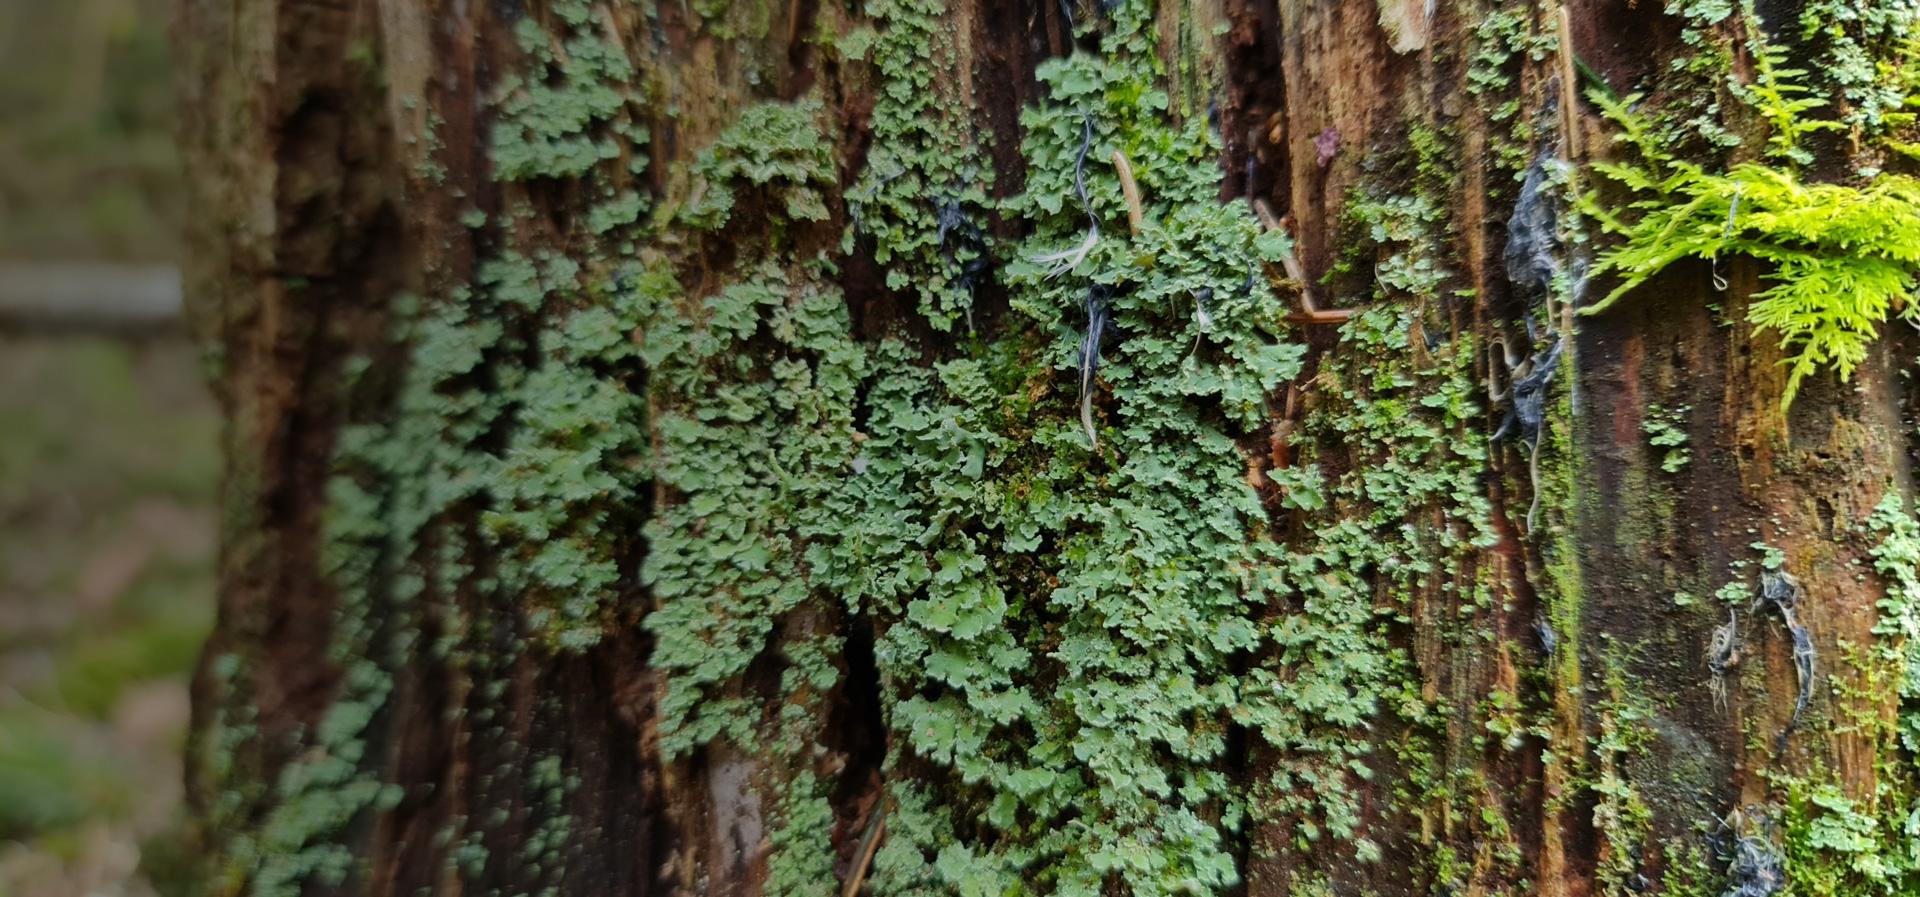 mose på tre skog